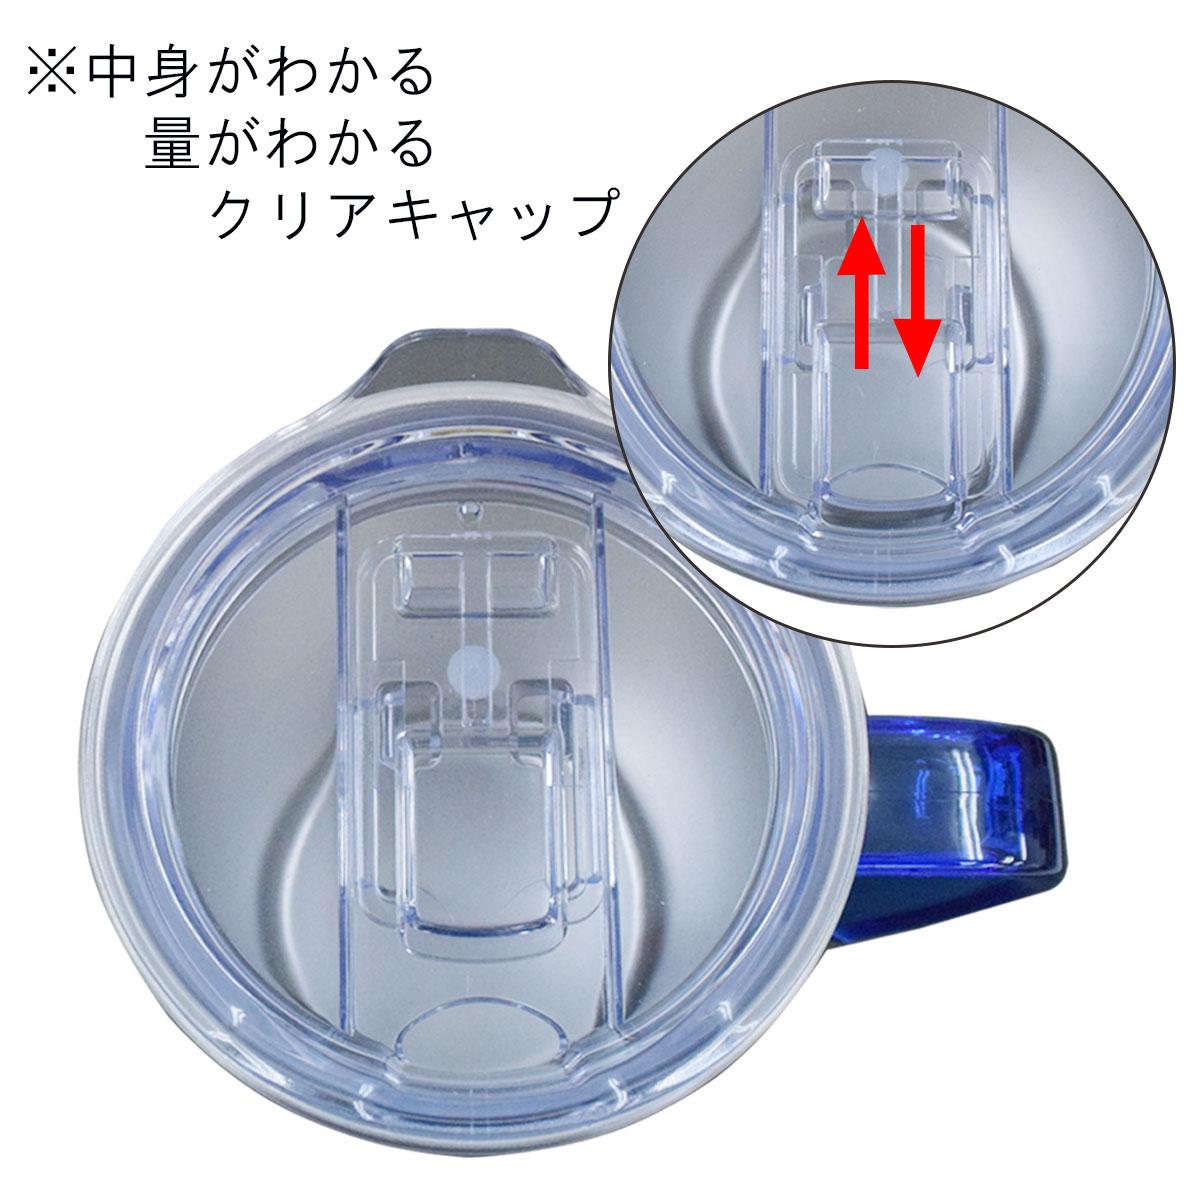 二重構造 蓋付きクリアマグカップ 400ml